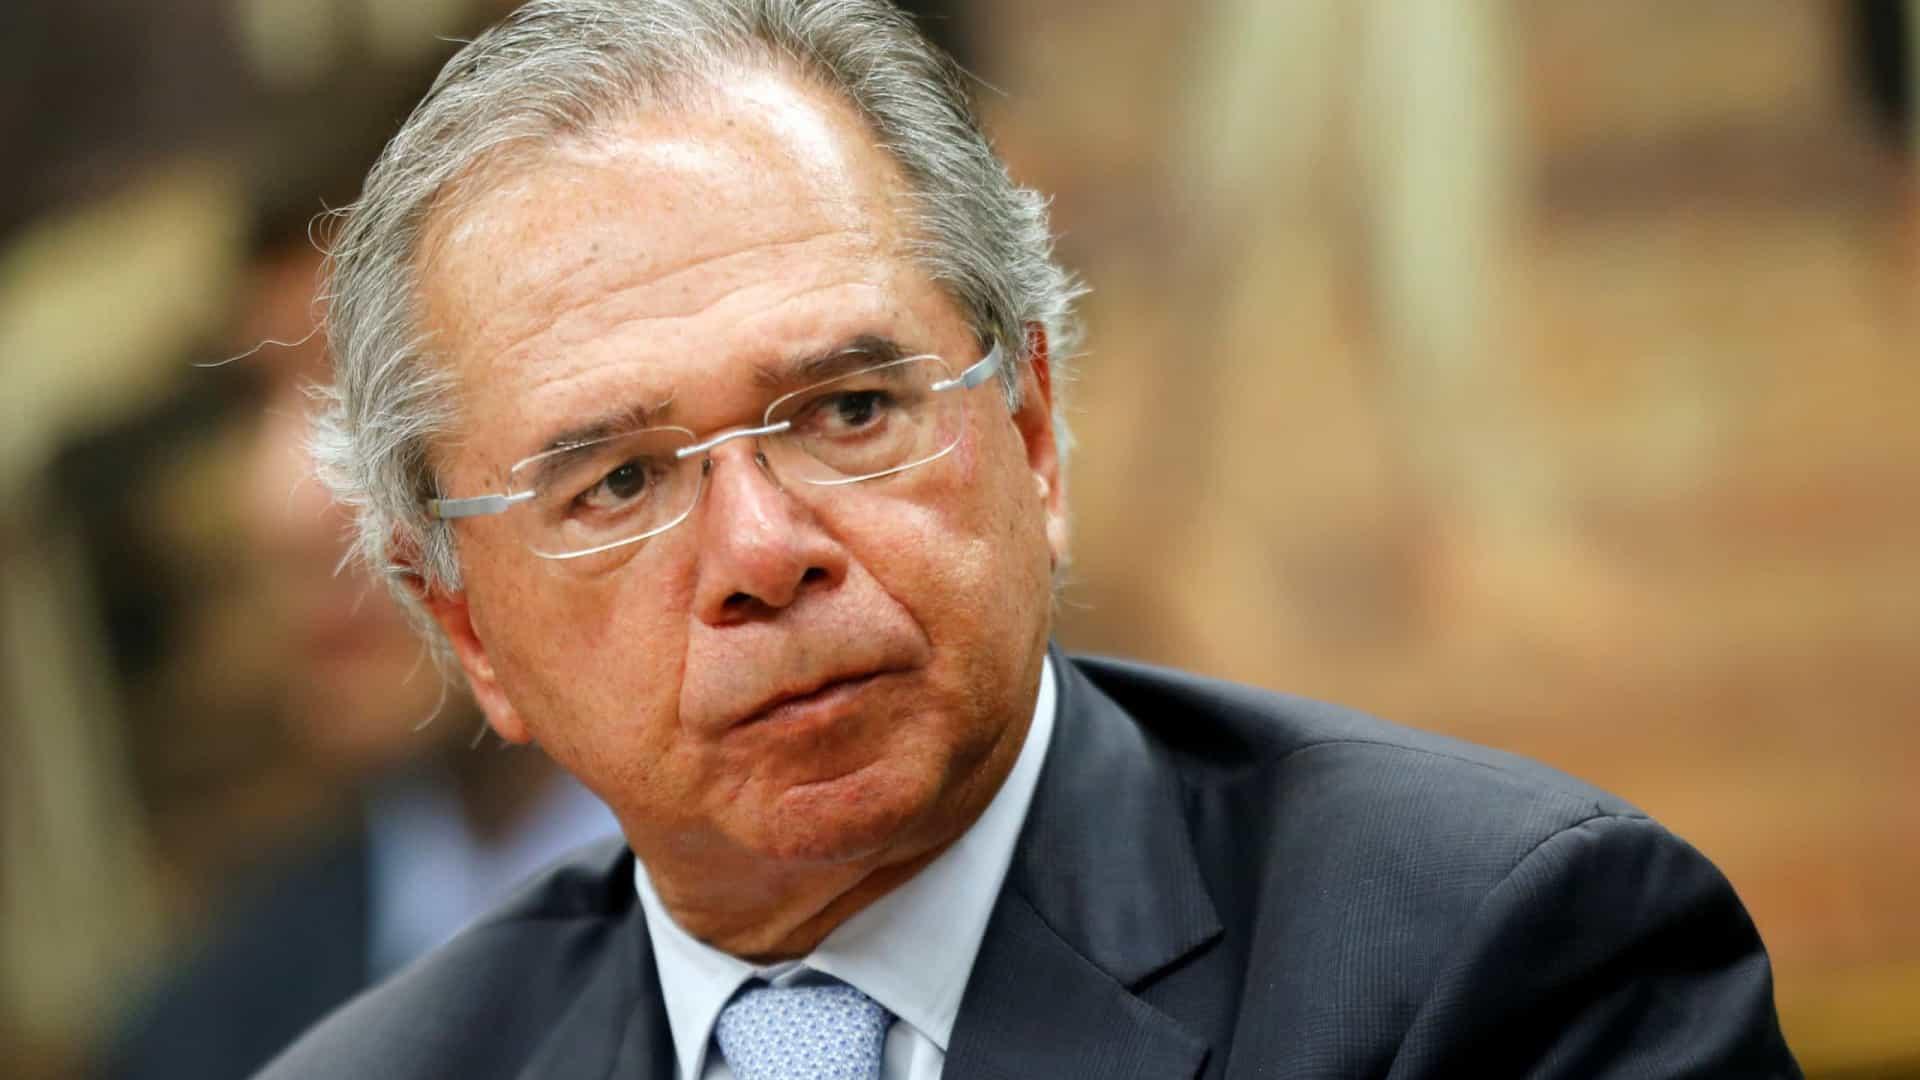 pauloguedes6 - Não investir no Brasil será um grande erro, afirma ministro